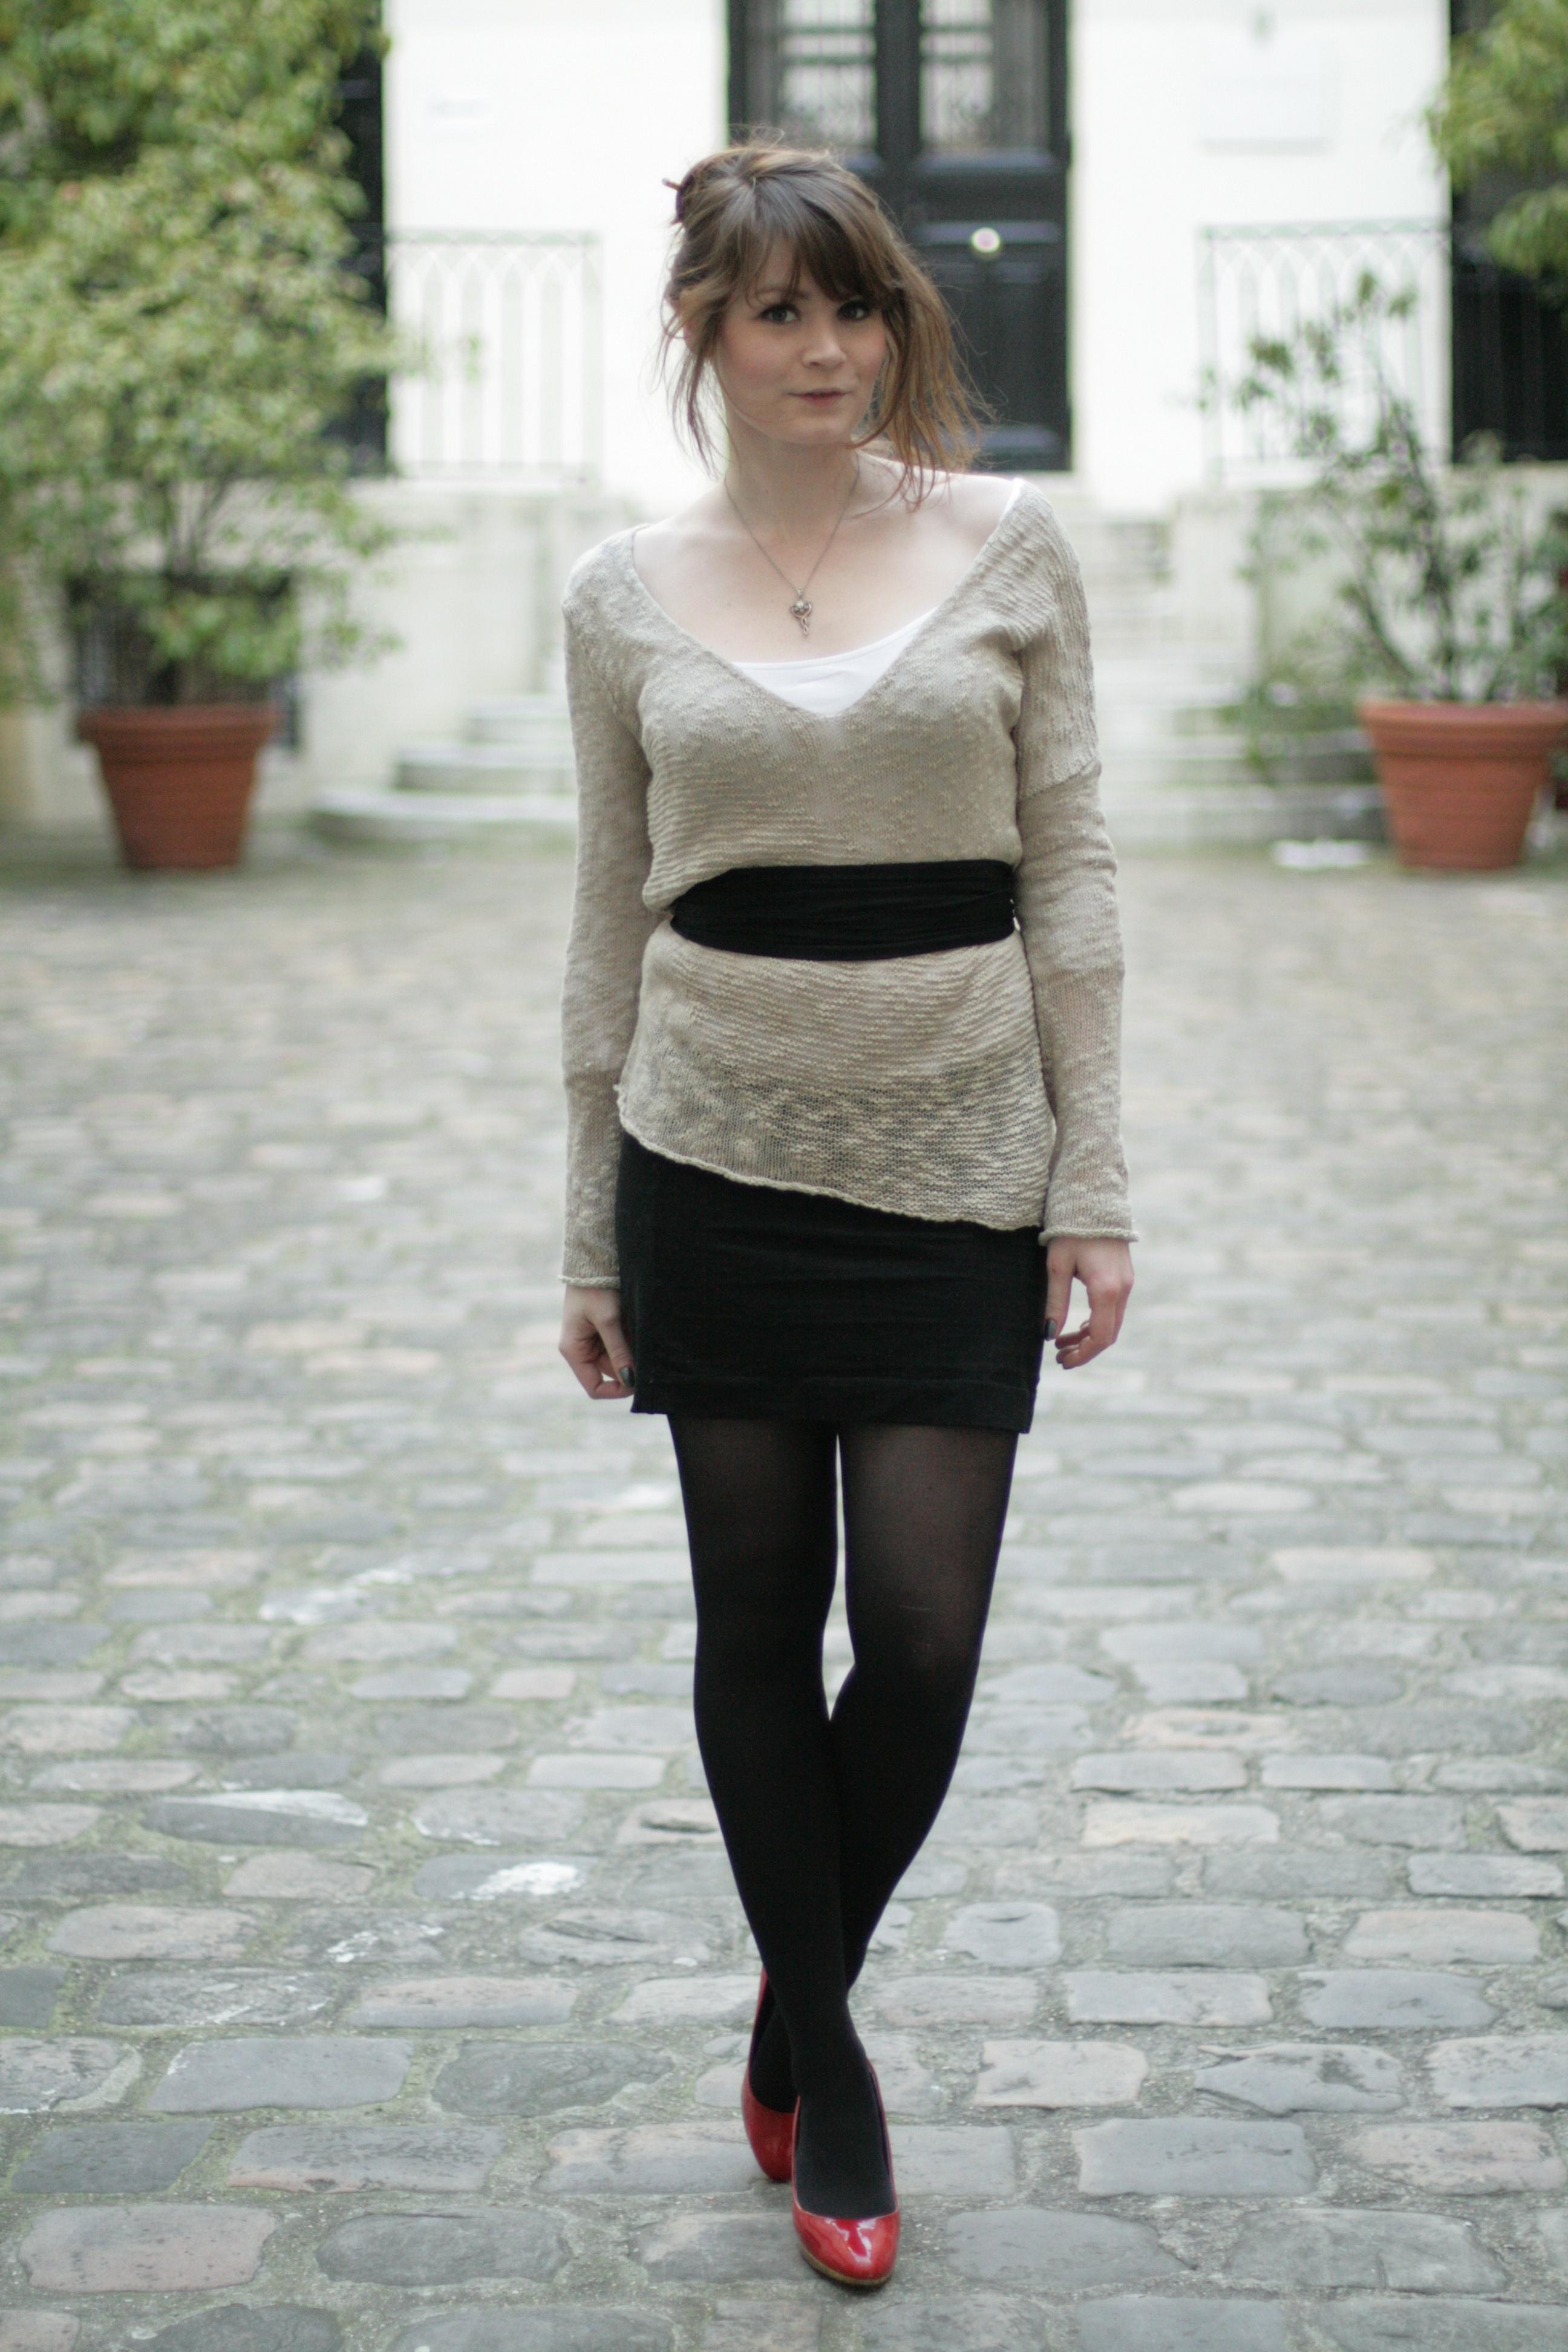 f767a43c4c0e chaussure beige et collant noir pull beige jupe noire